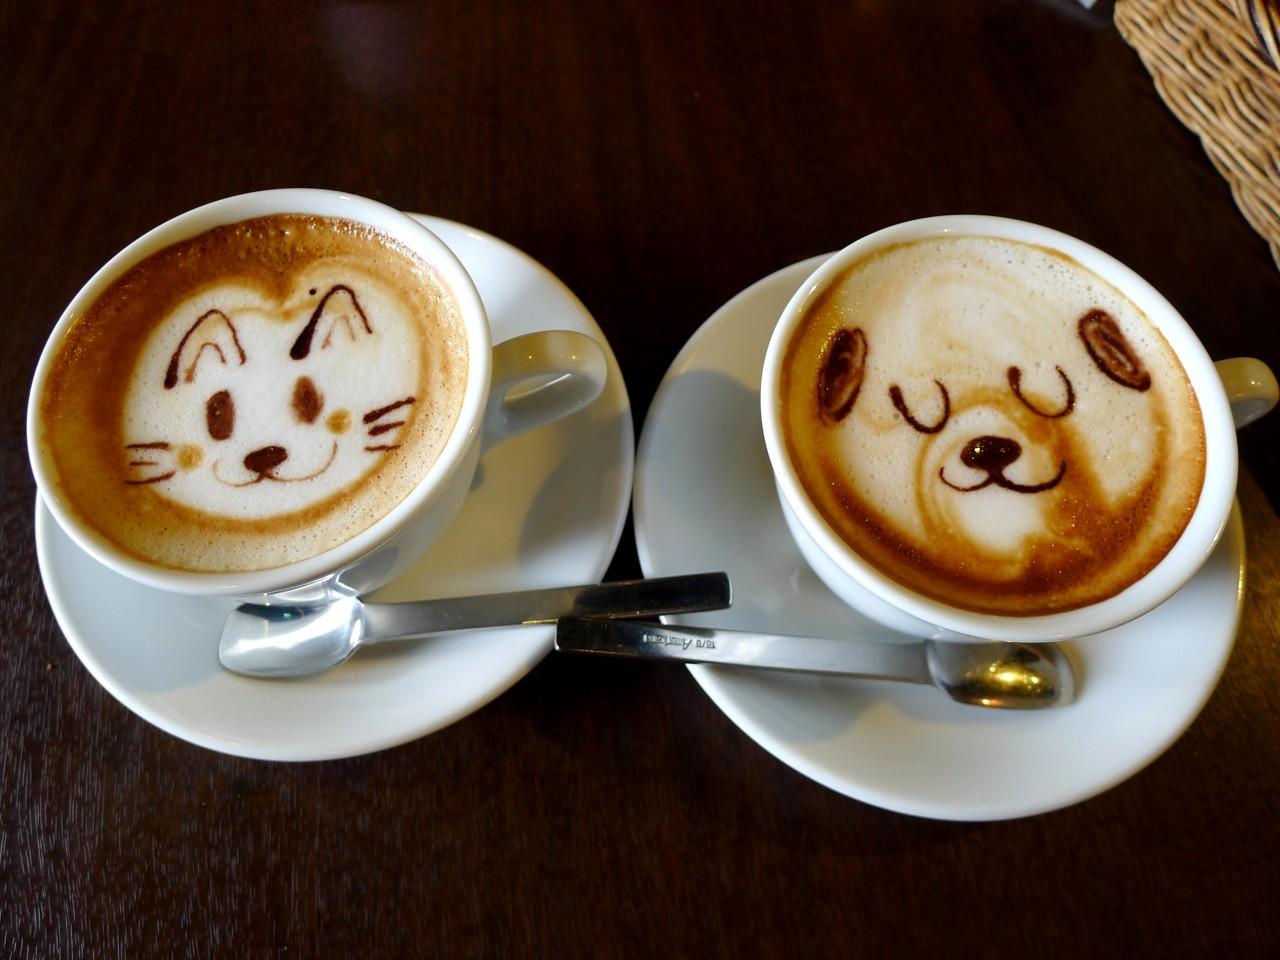 nhung-hinh-nen-ly-cafe-dep-ve-tinh-yeu-ngot-ngao-va-lang-man-nhat-1